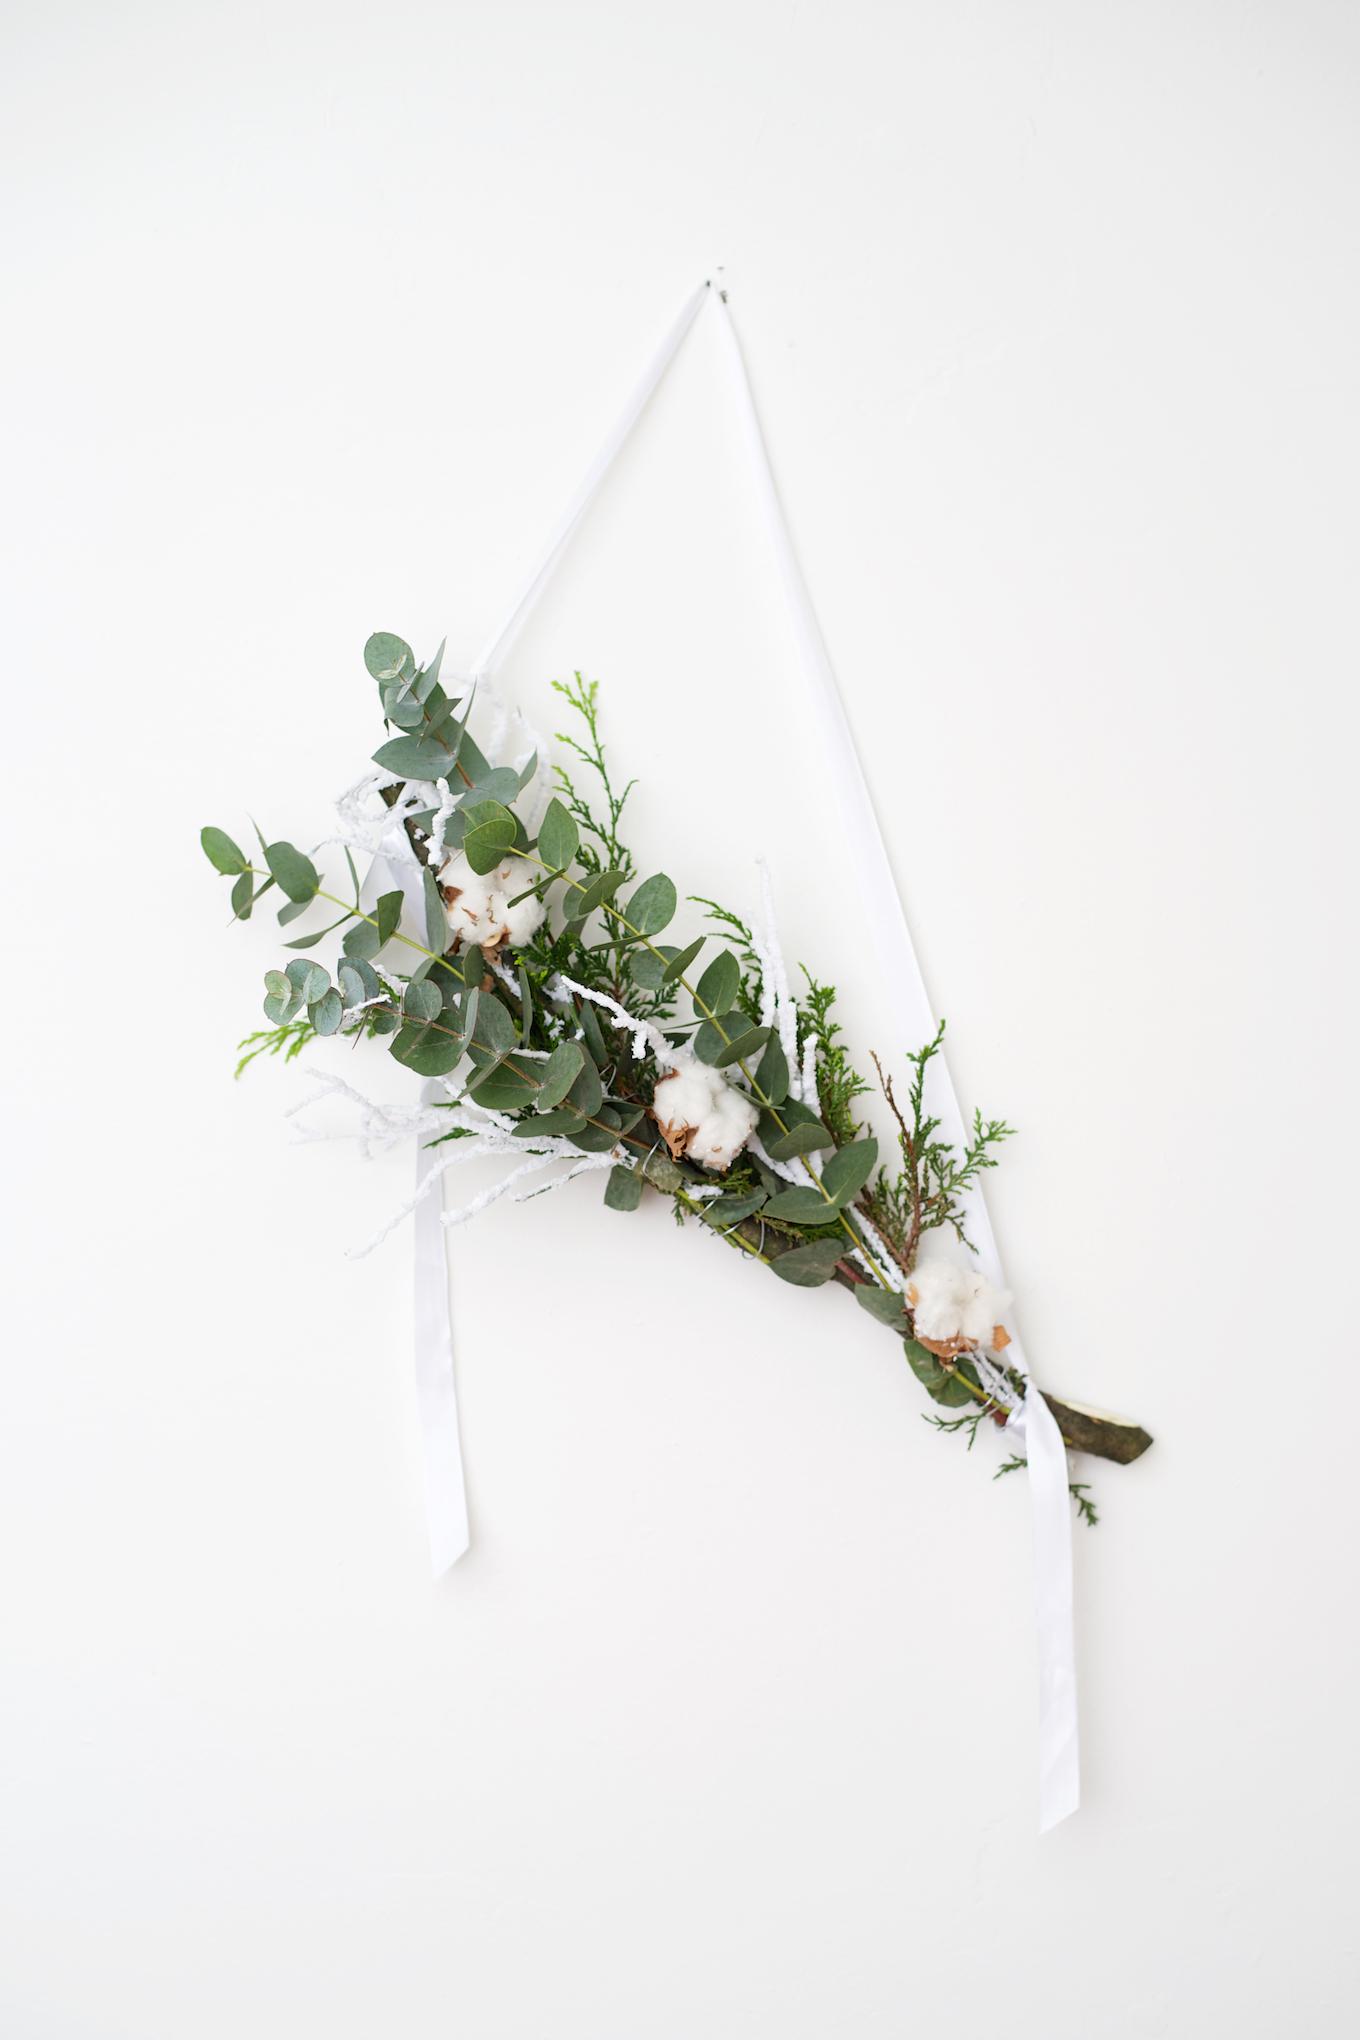 DIY kerstkrans met natuurlijke materialen (2)